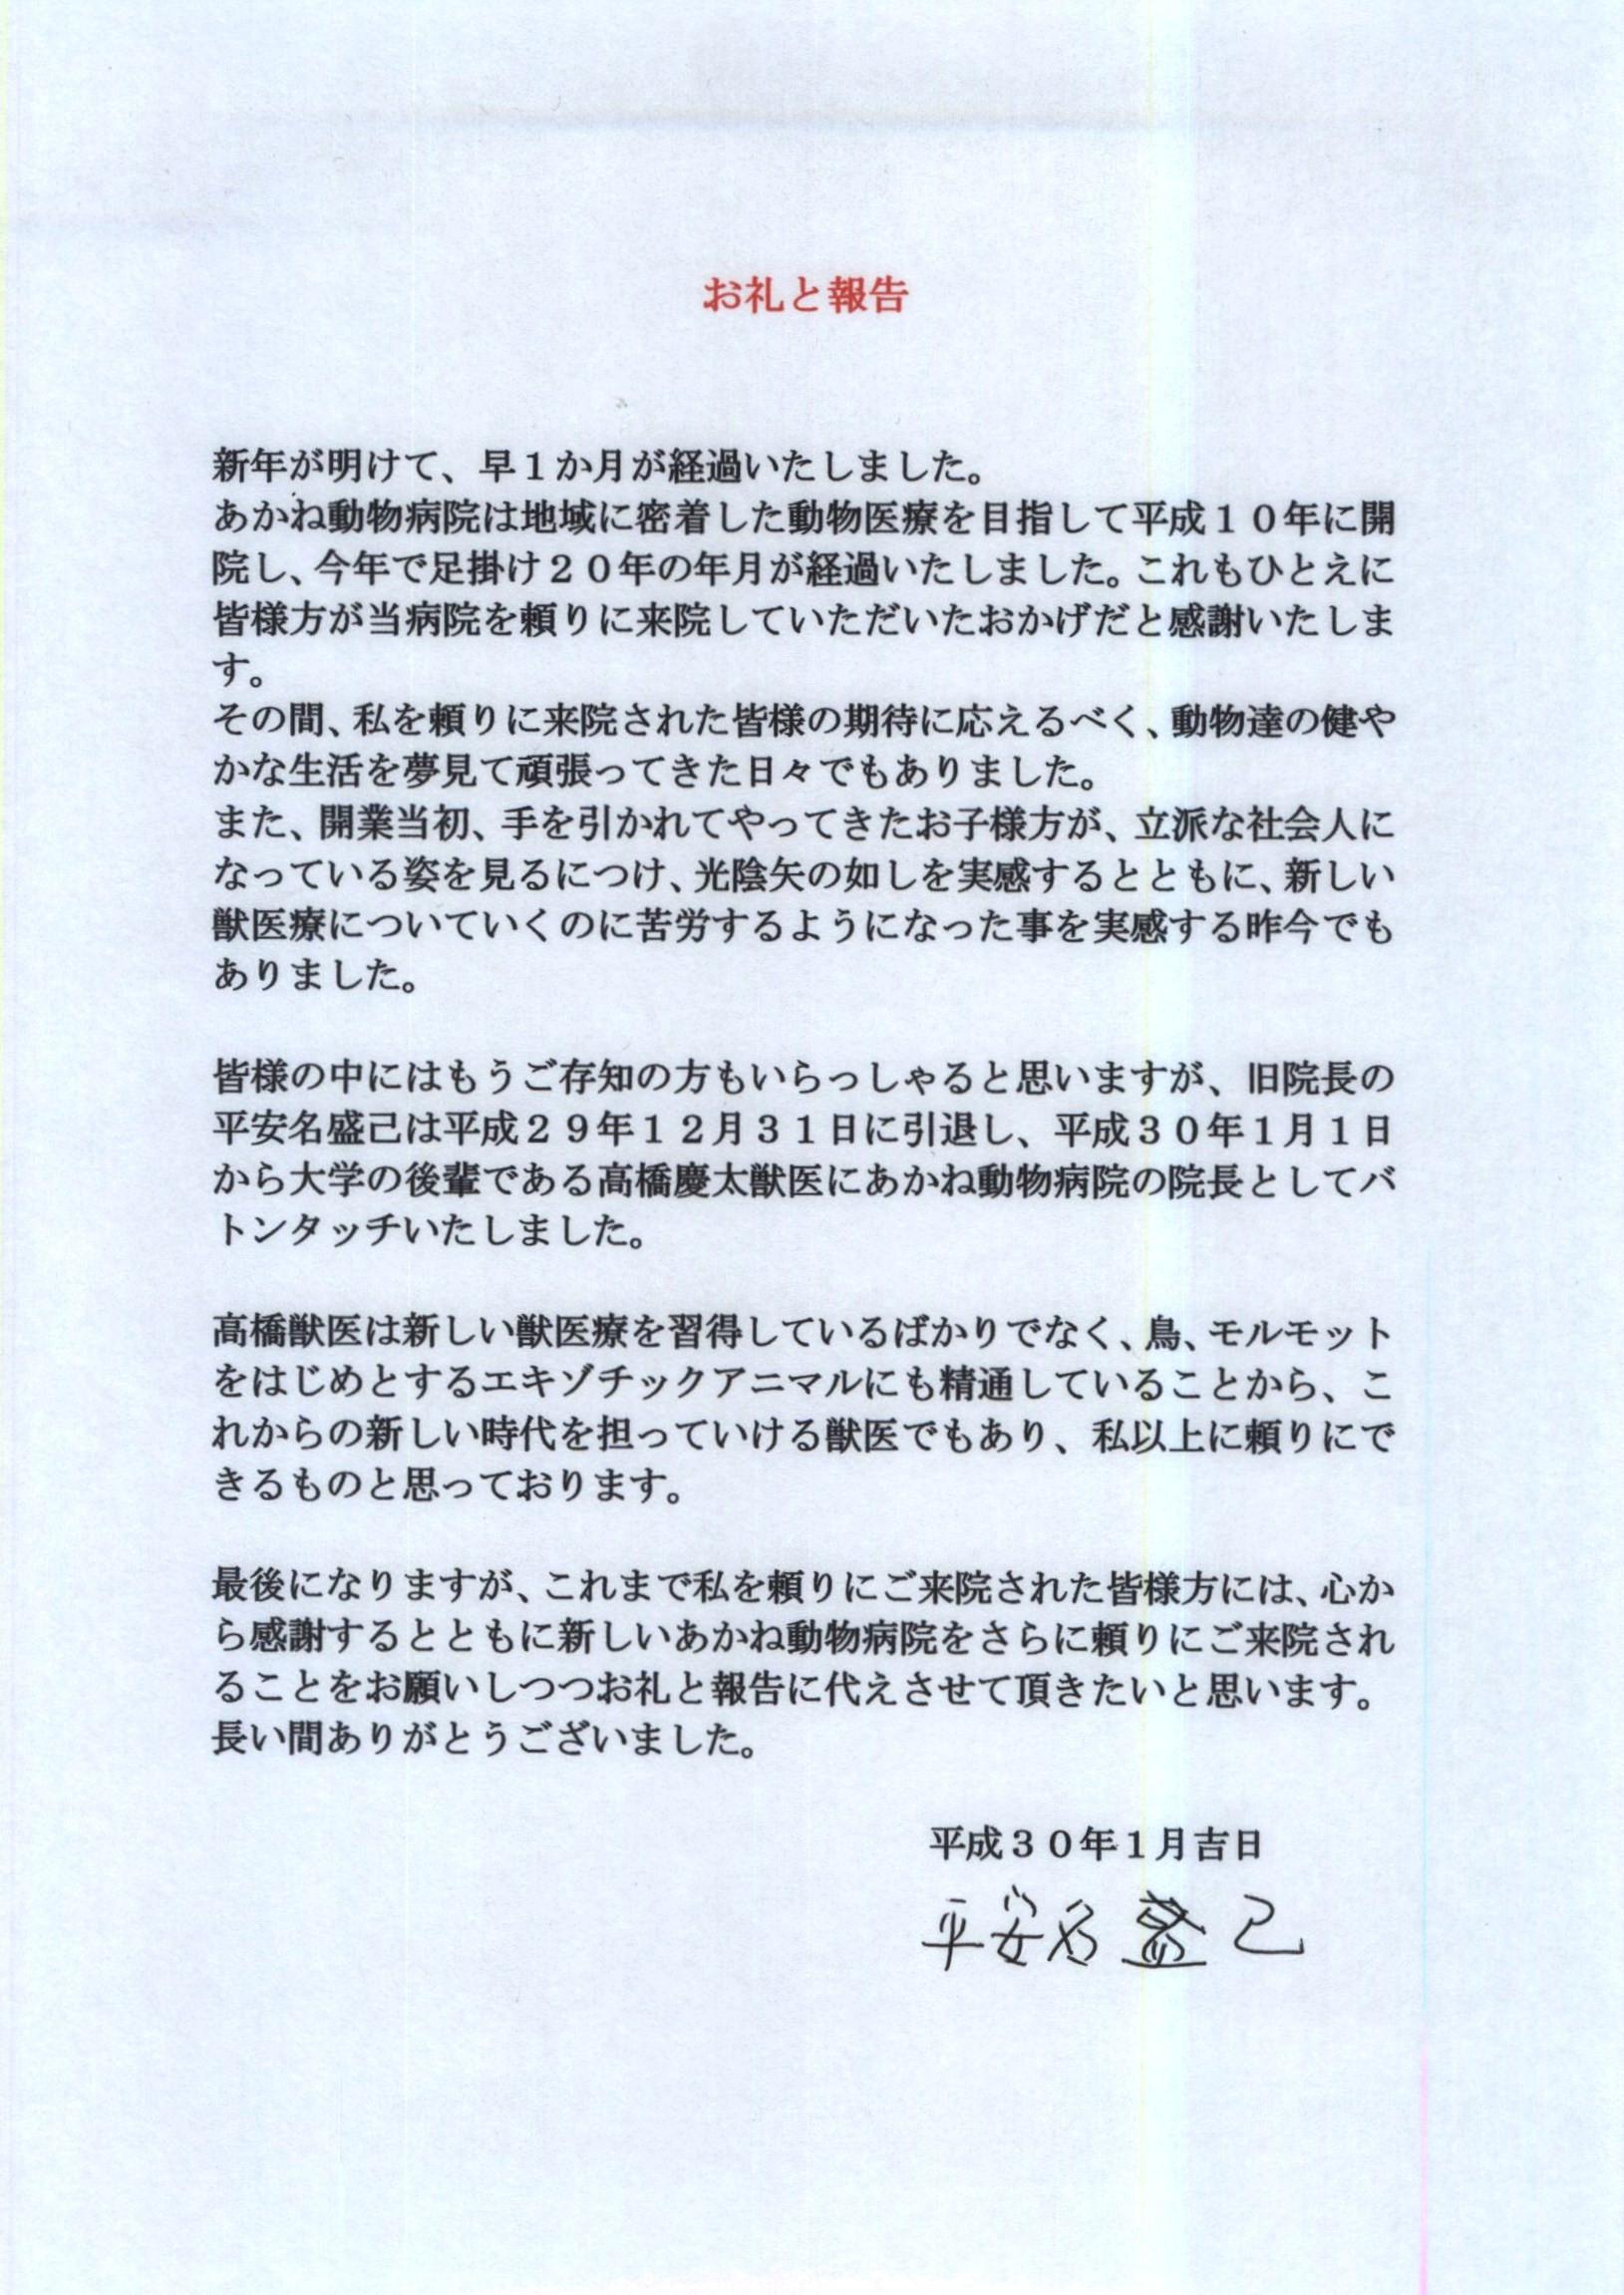 お礼と報告.jpg